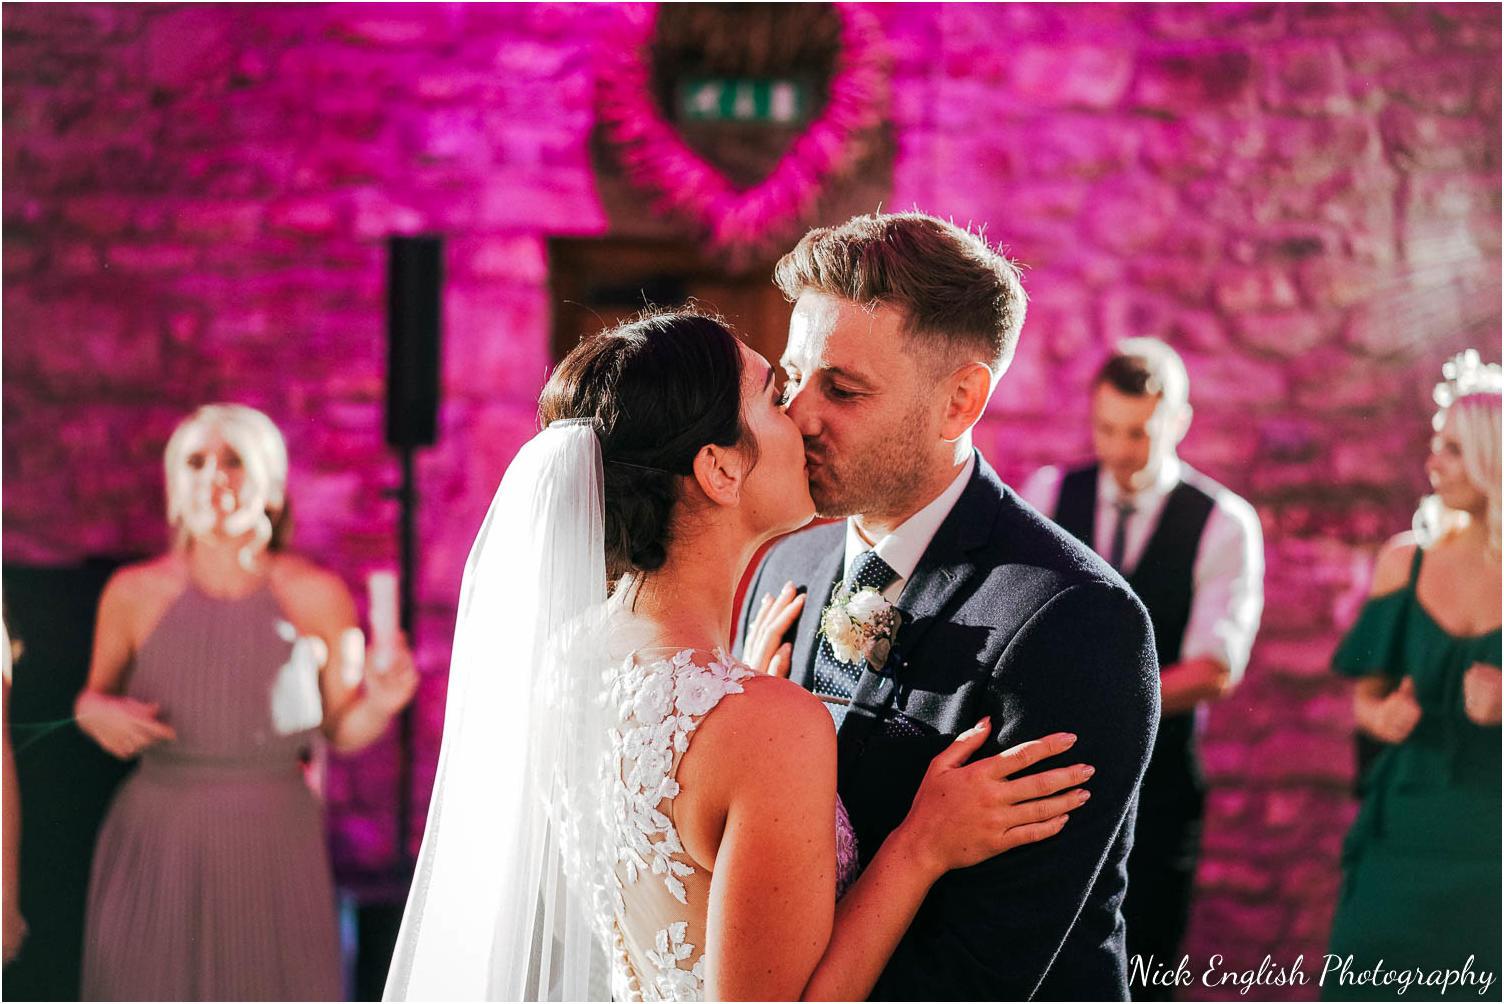 Browsholme_Hall_Barn_Wedding_Nick_English_Photography-194.jpg